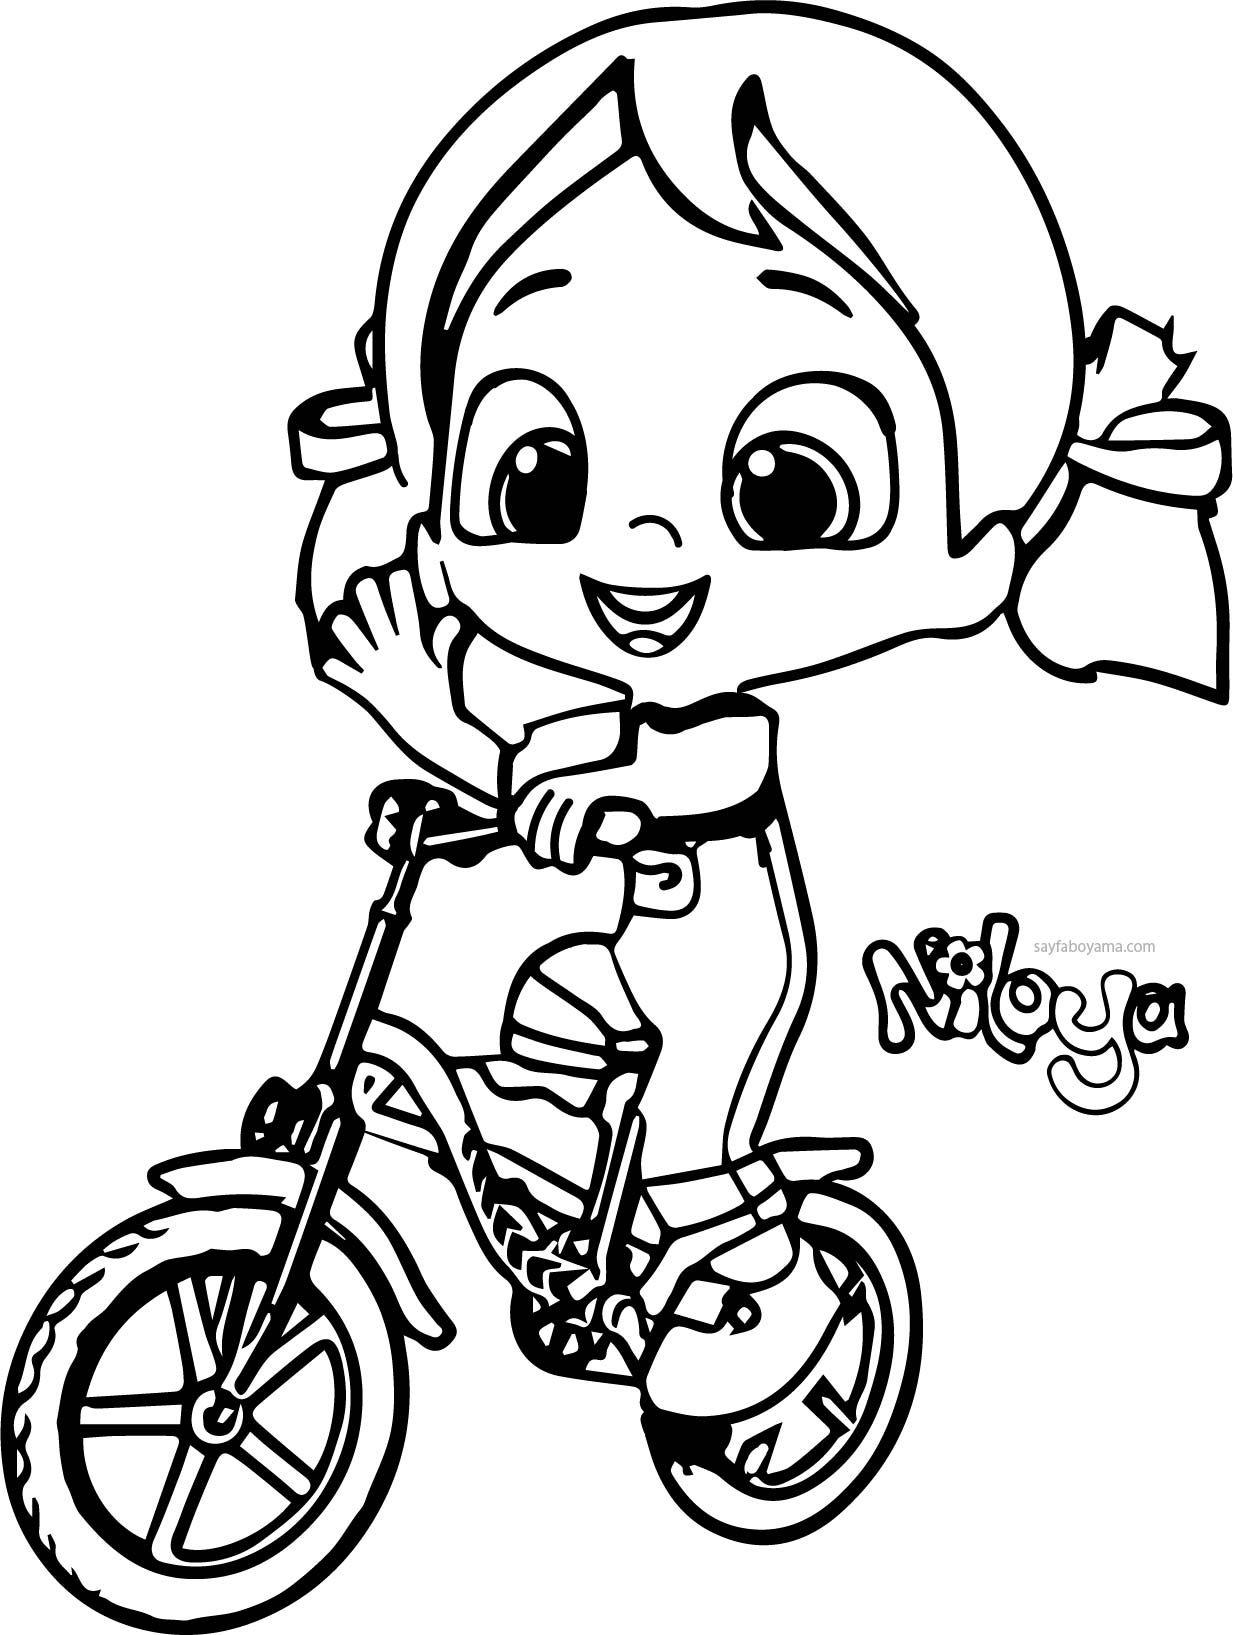 Niloya Bisiklet Kullaniyor Boyama Sayfasi Sayfa Boyama Niloya